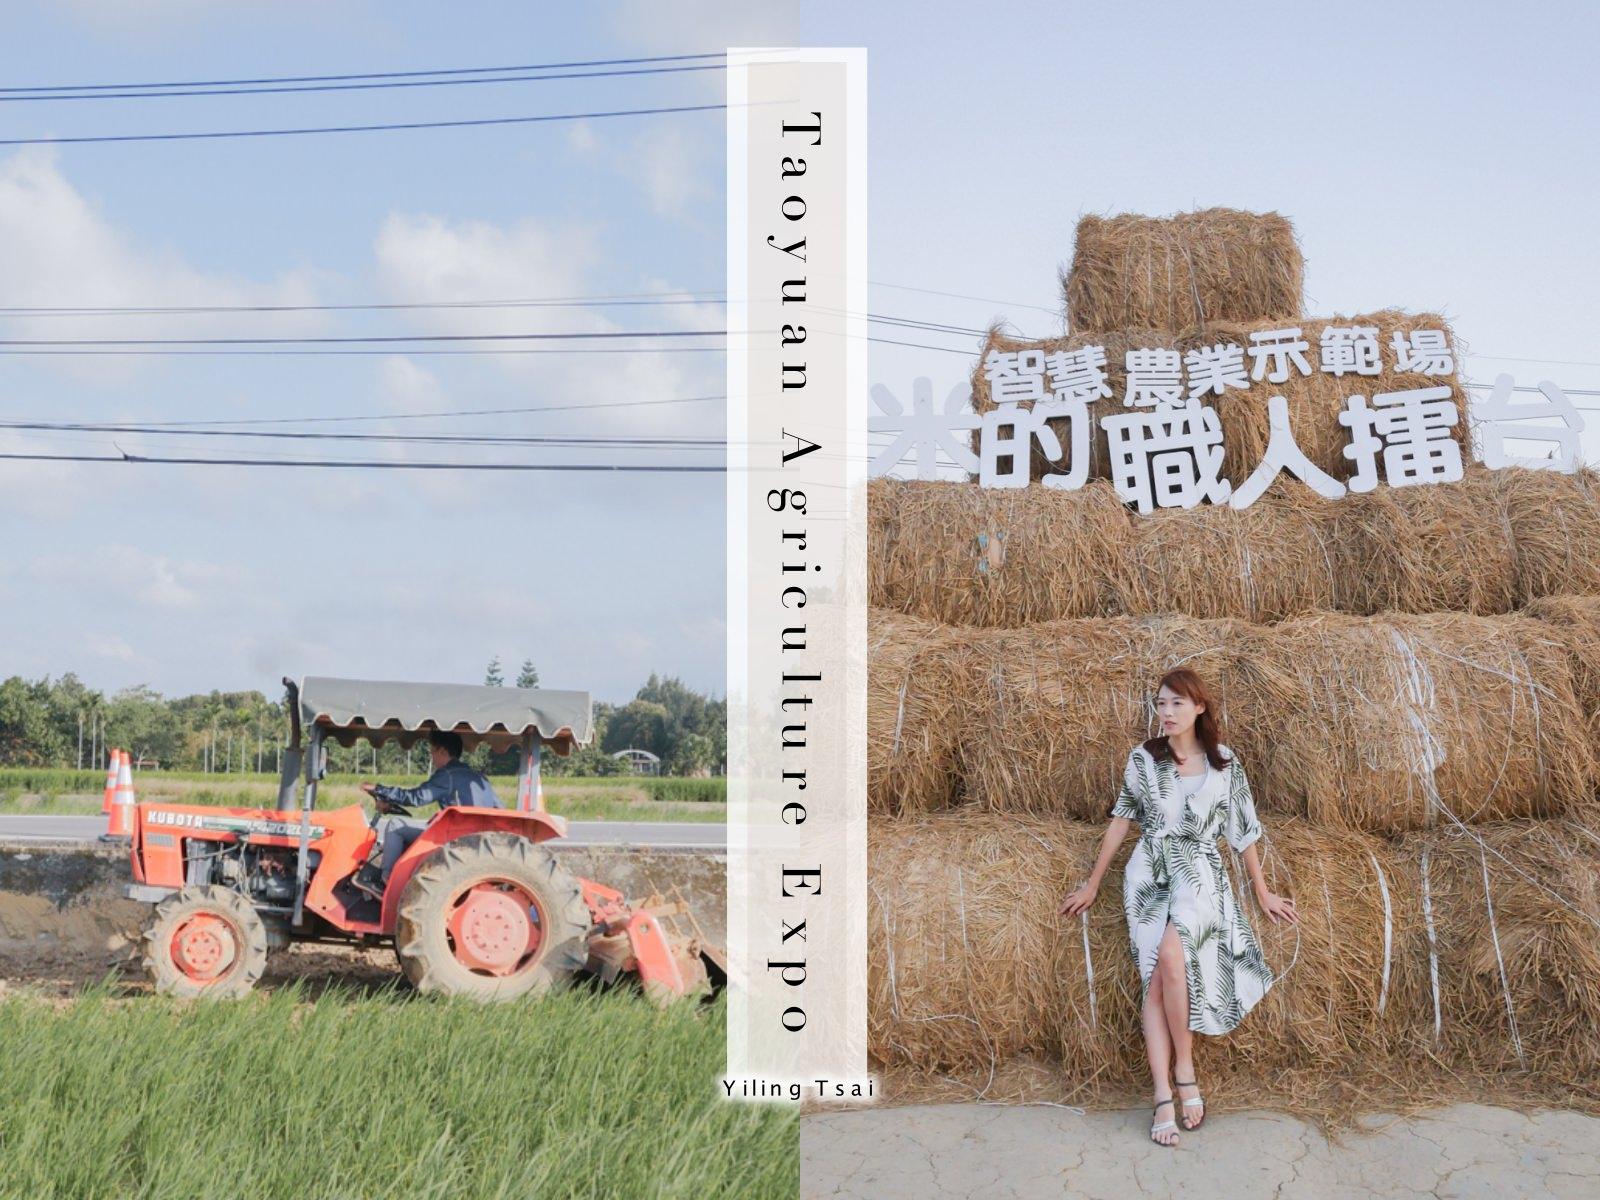 2019 桃園農業博覽會 米の集會所 無人機飛行、製米達人體驗